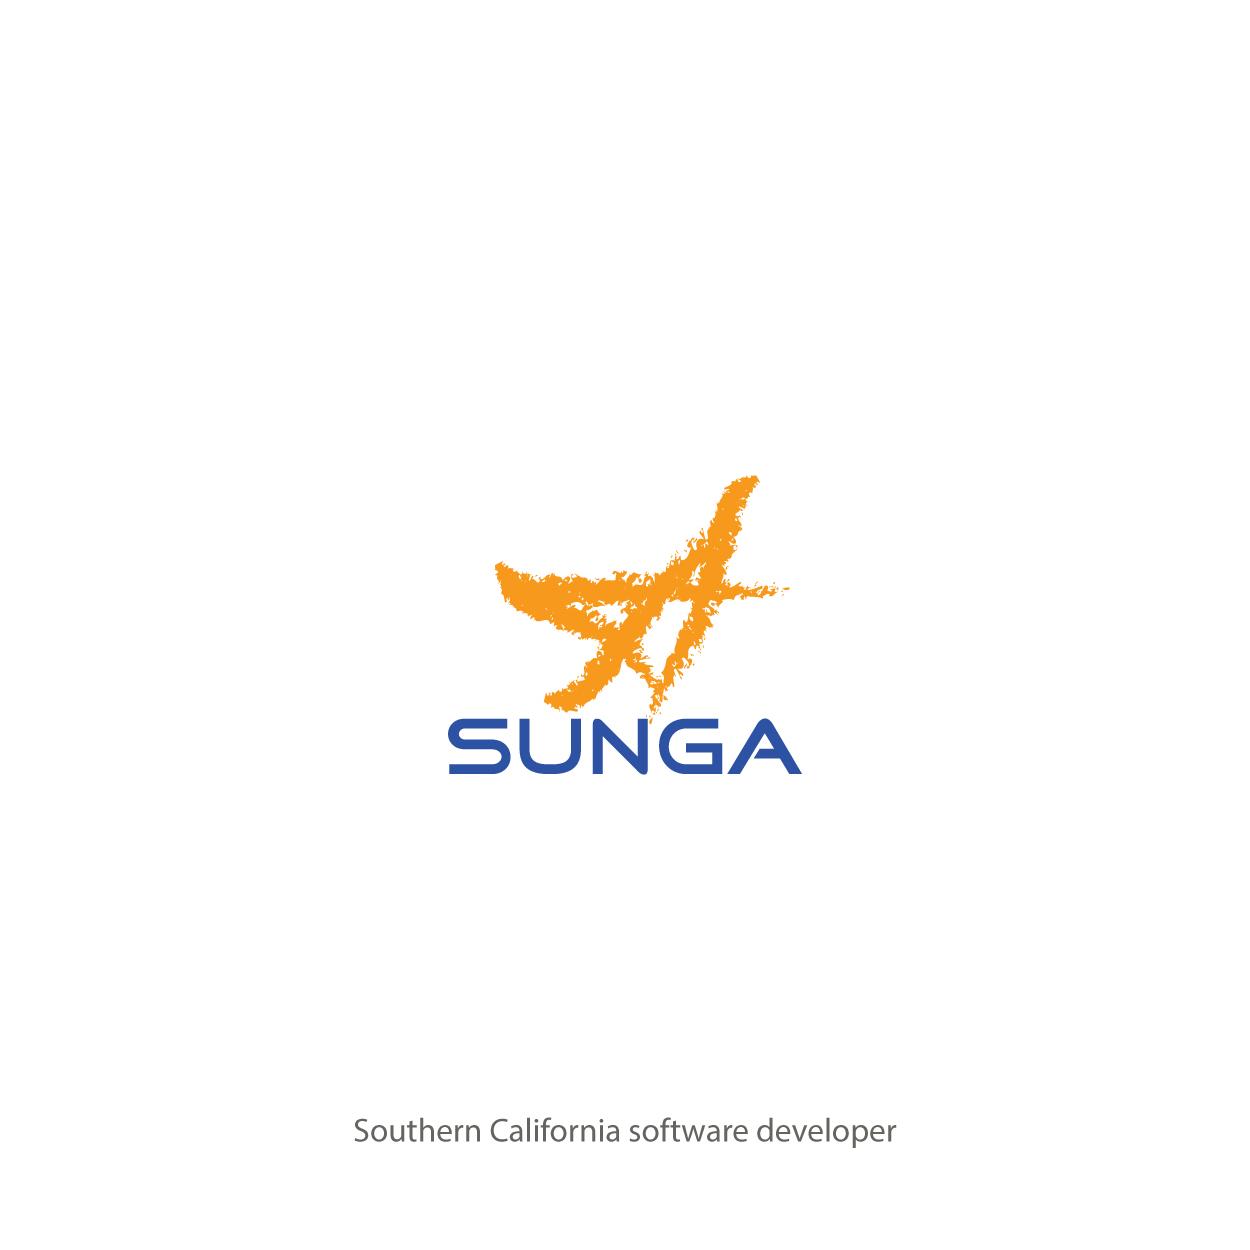 tjungle_logo_design-21.jpg